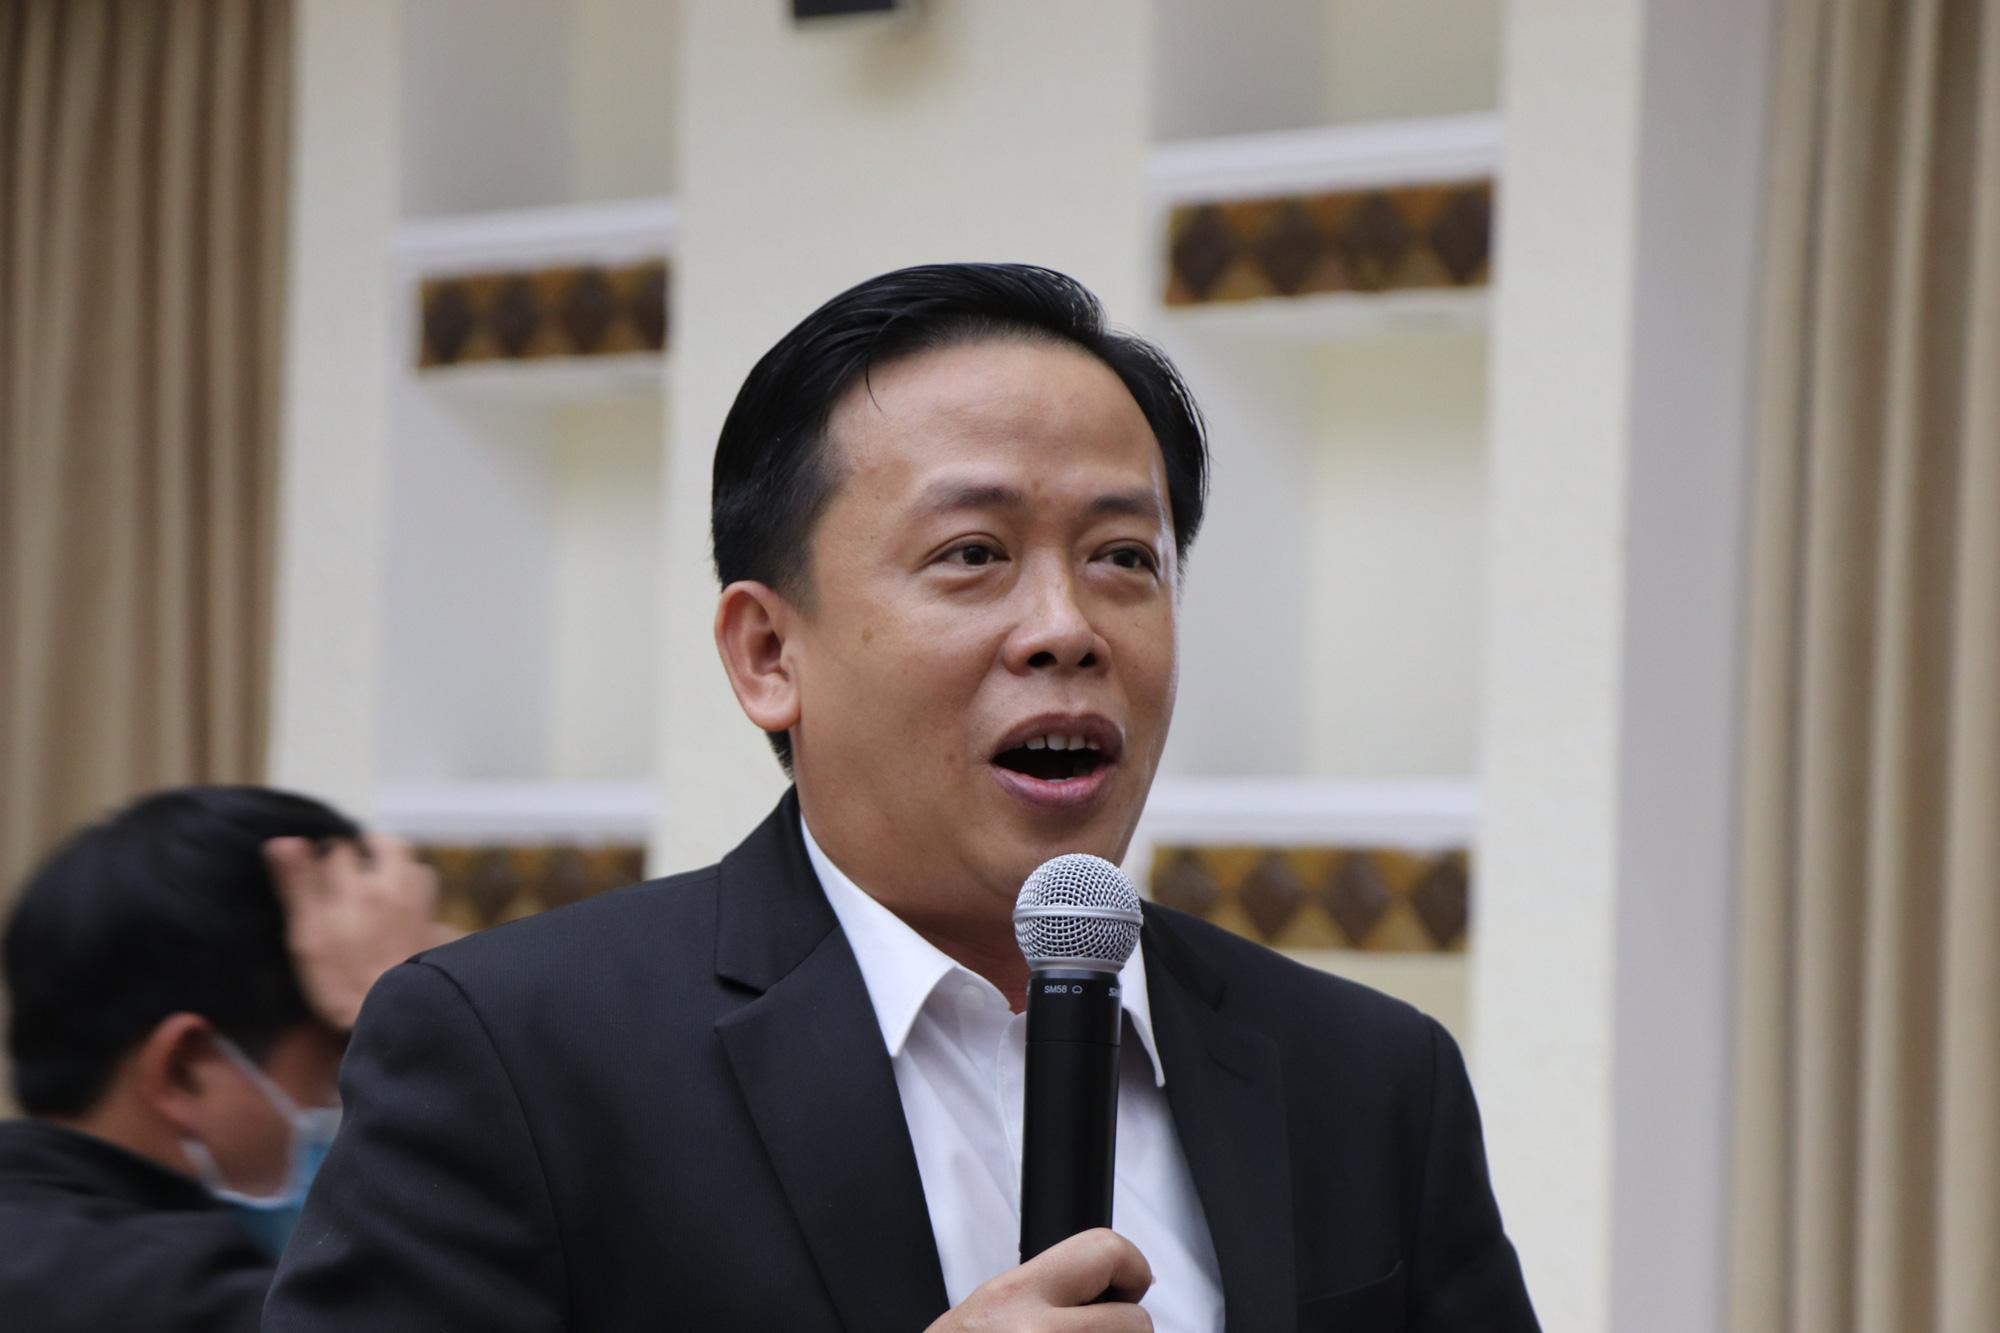 Bí thư, Phó Bí thư Quảng Nam rất quan tâm đến Khu phố chợ Bà Rén hàng chục tỷ đồng  - Ảnh 3.